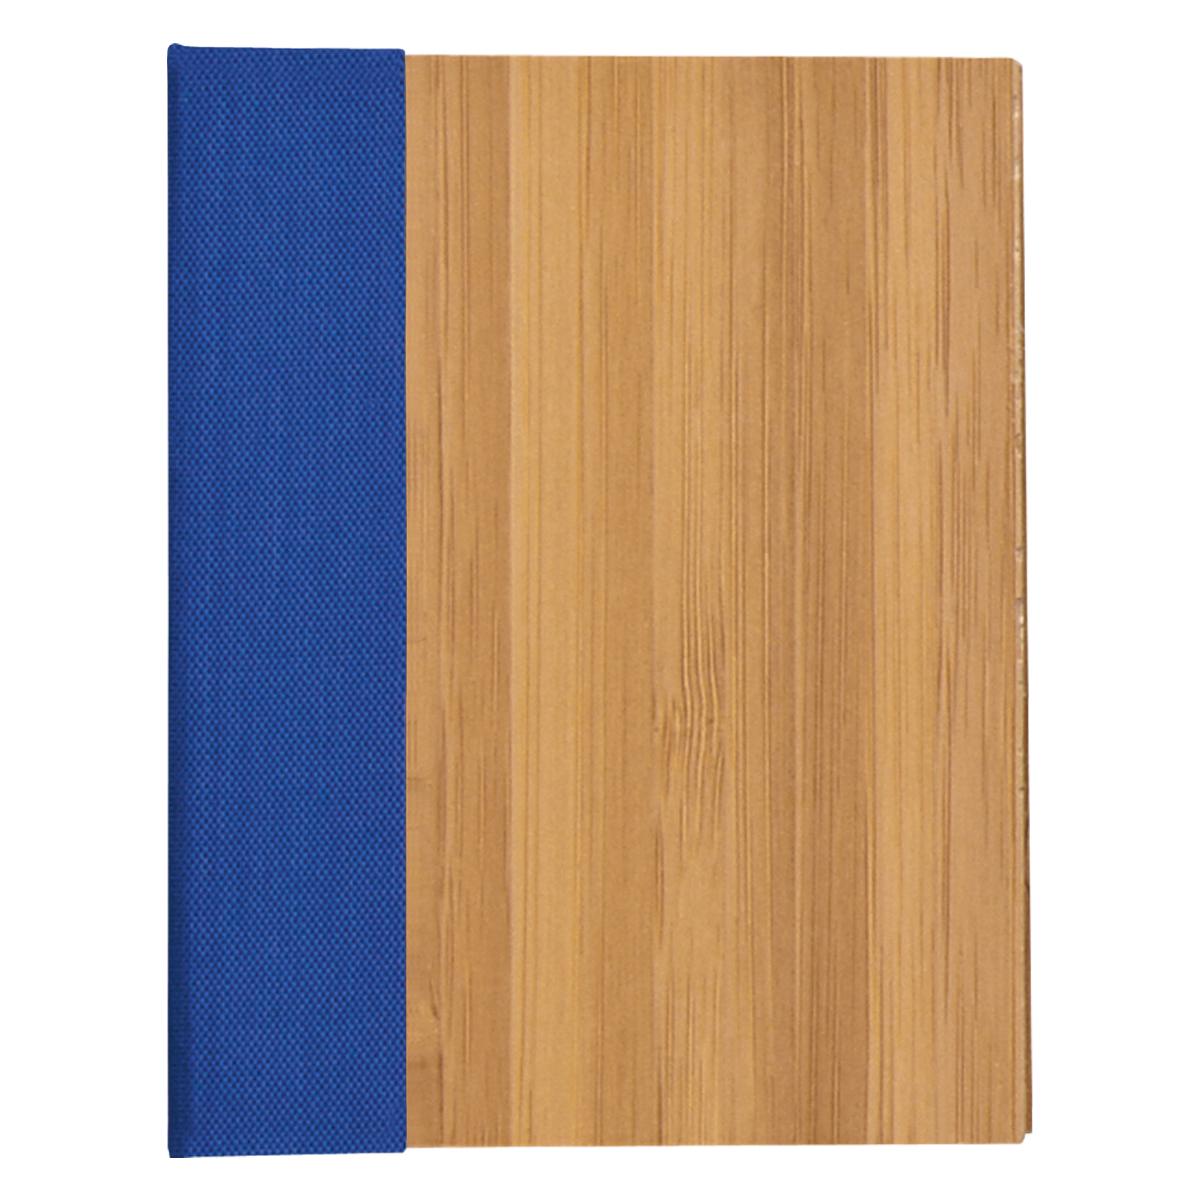 6124 - Bloc de Notas y Banderas Adhesivas con Cubierta de Bambú